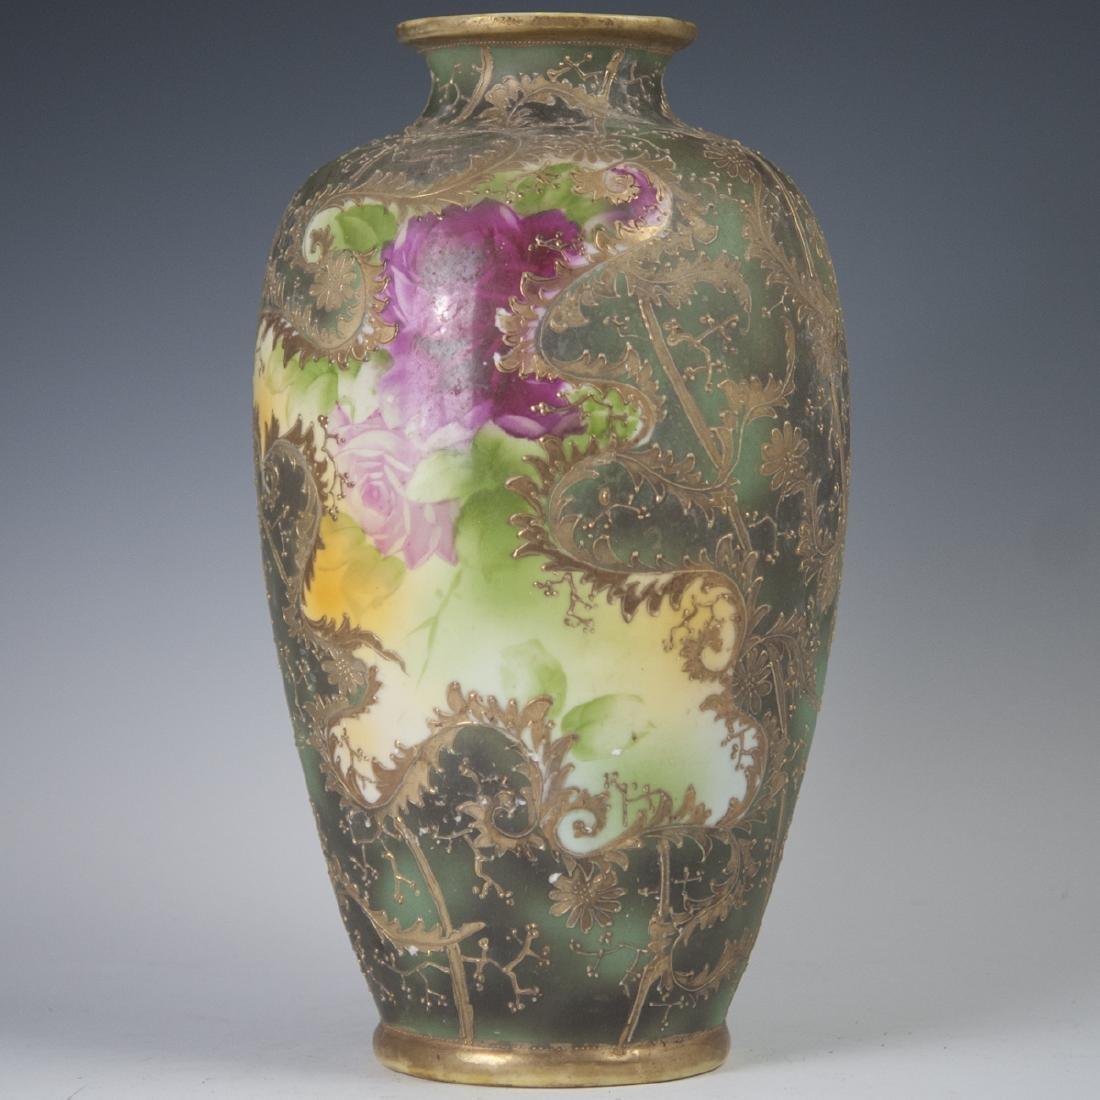 Antique Austrian Art Nouveau Porcelain Vase